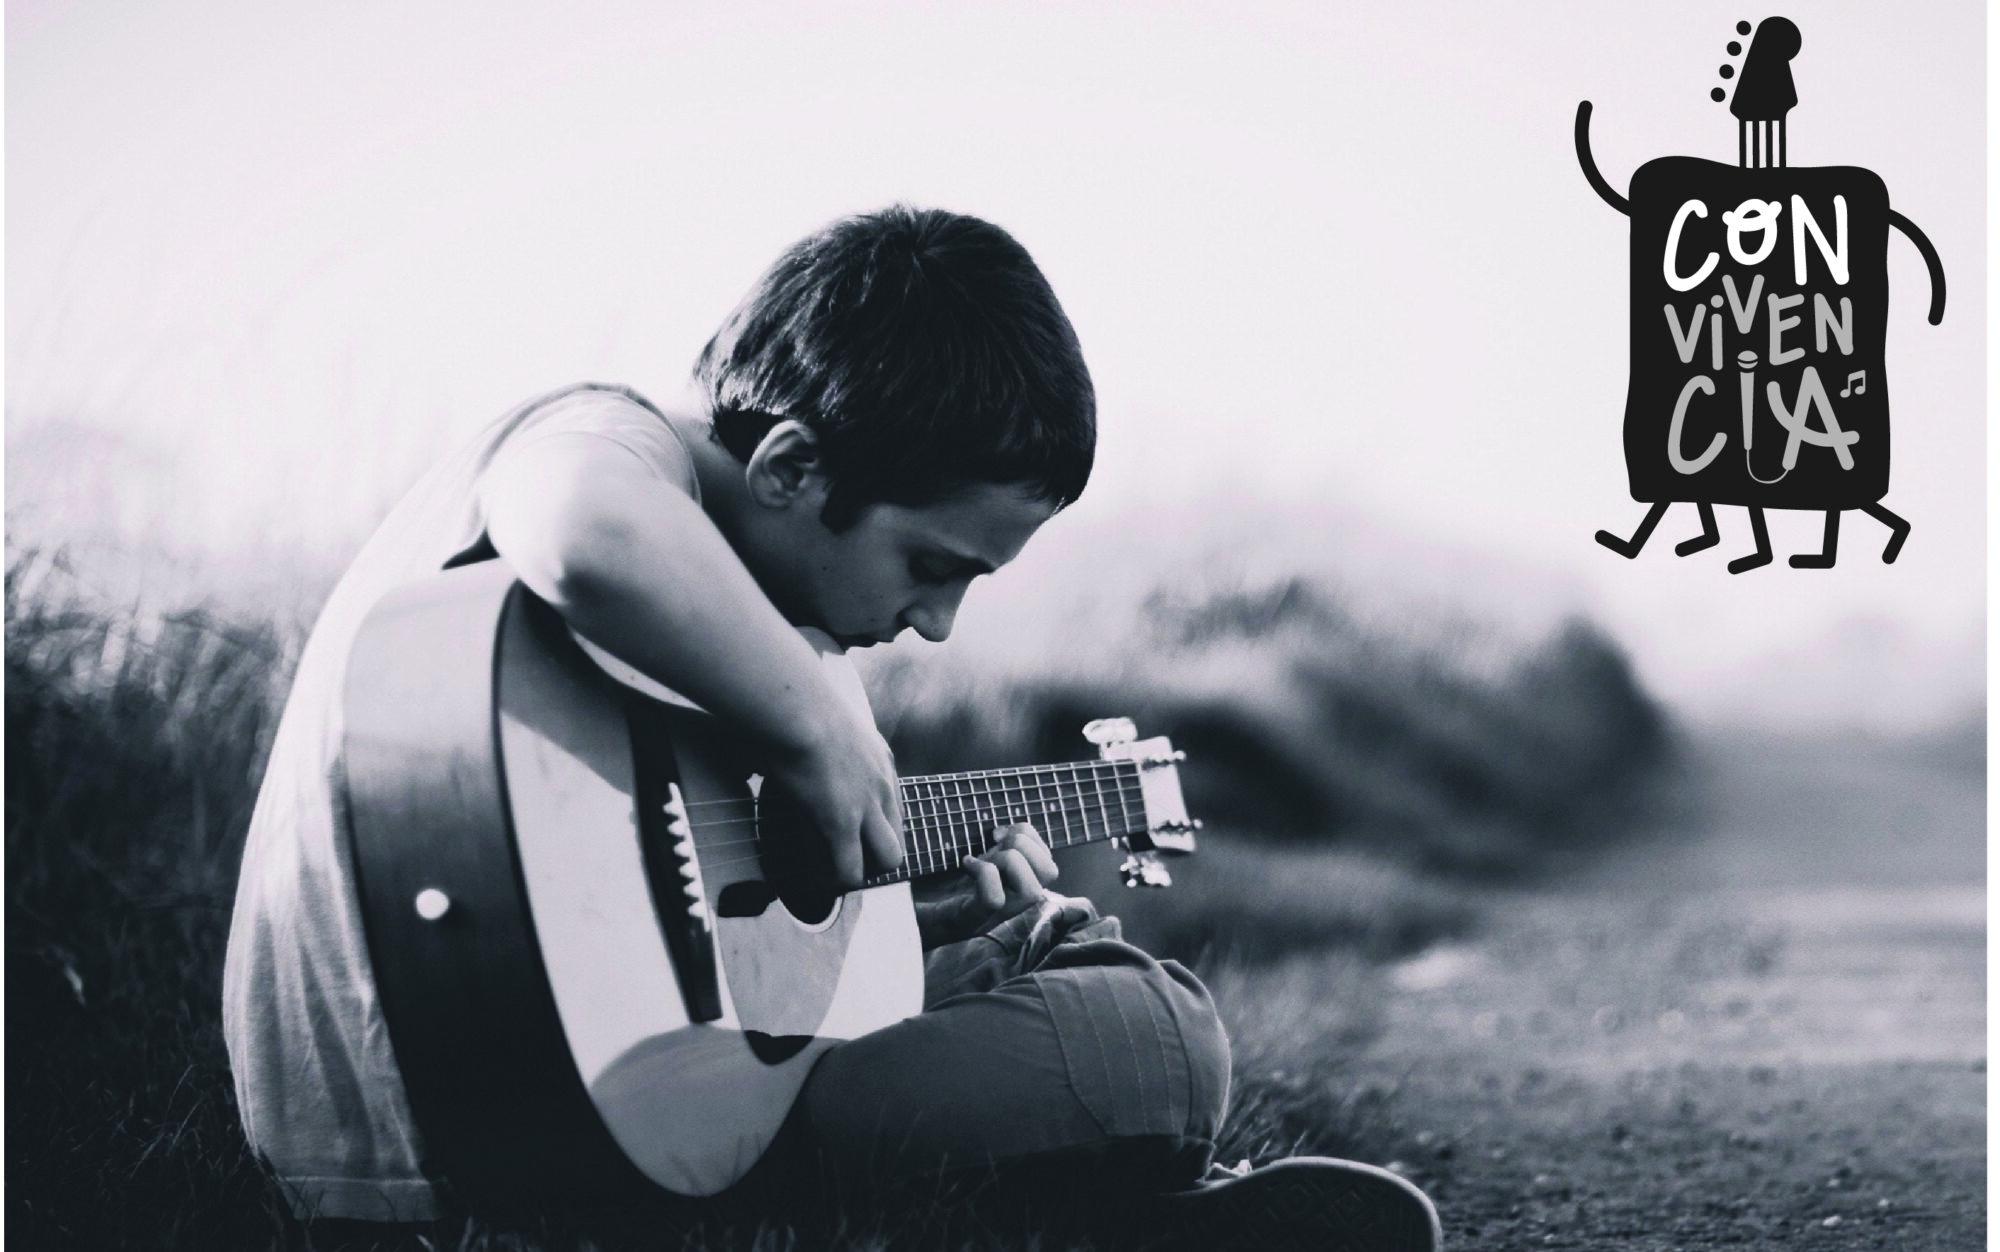 Música para la convivencia